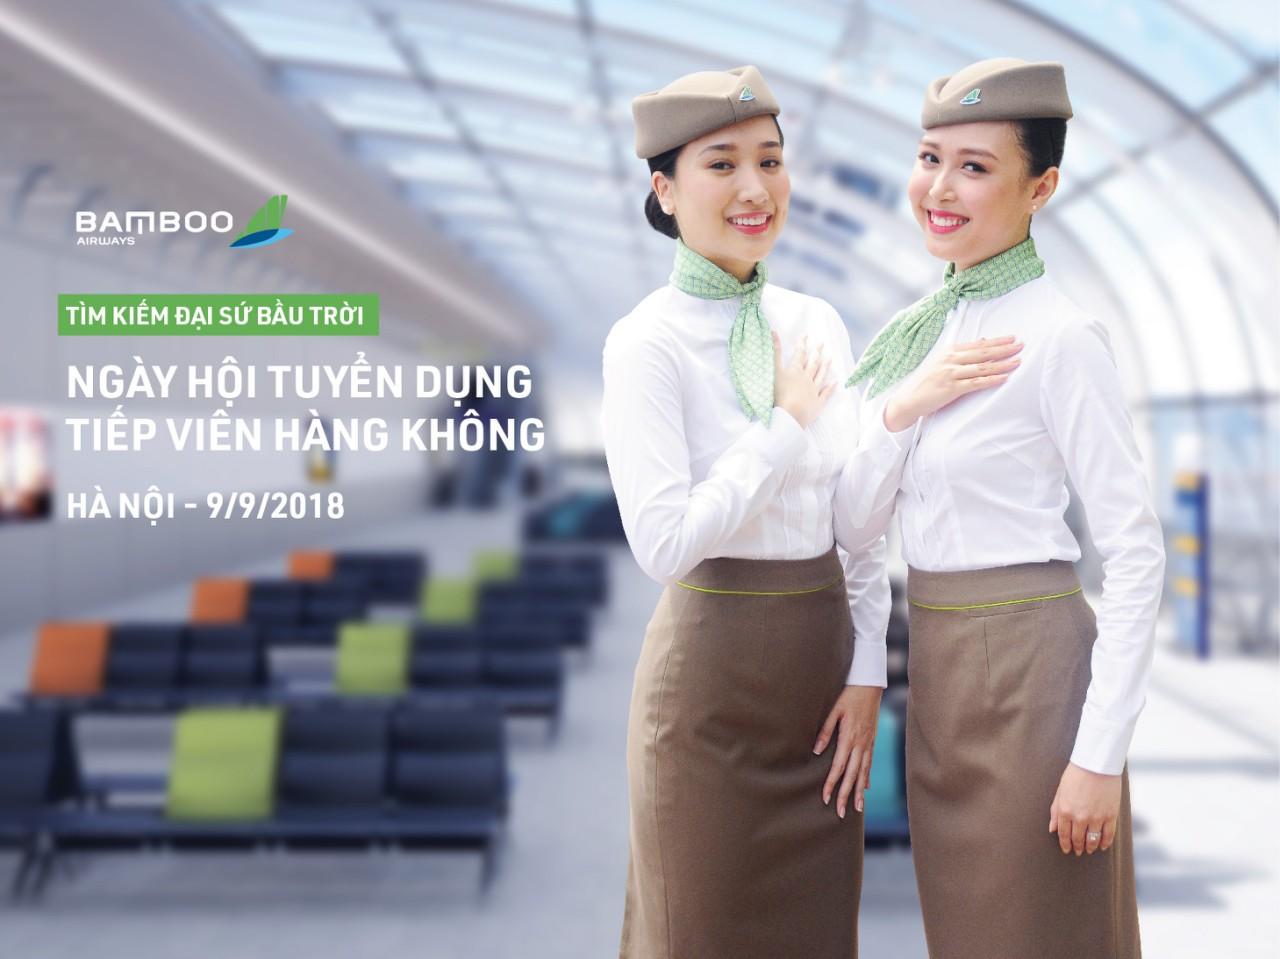 BAMBOO AIRWAYS TIẾP TỤC HÀNH TRÌNH TÌM KIẾM ĐẠI SỨ BẦU TRỜI TẠI HÀ NỘI